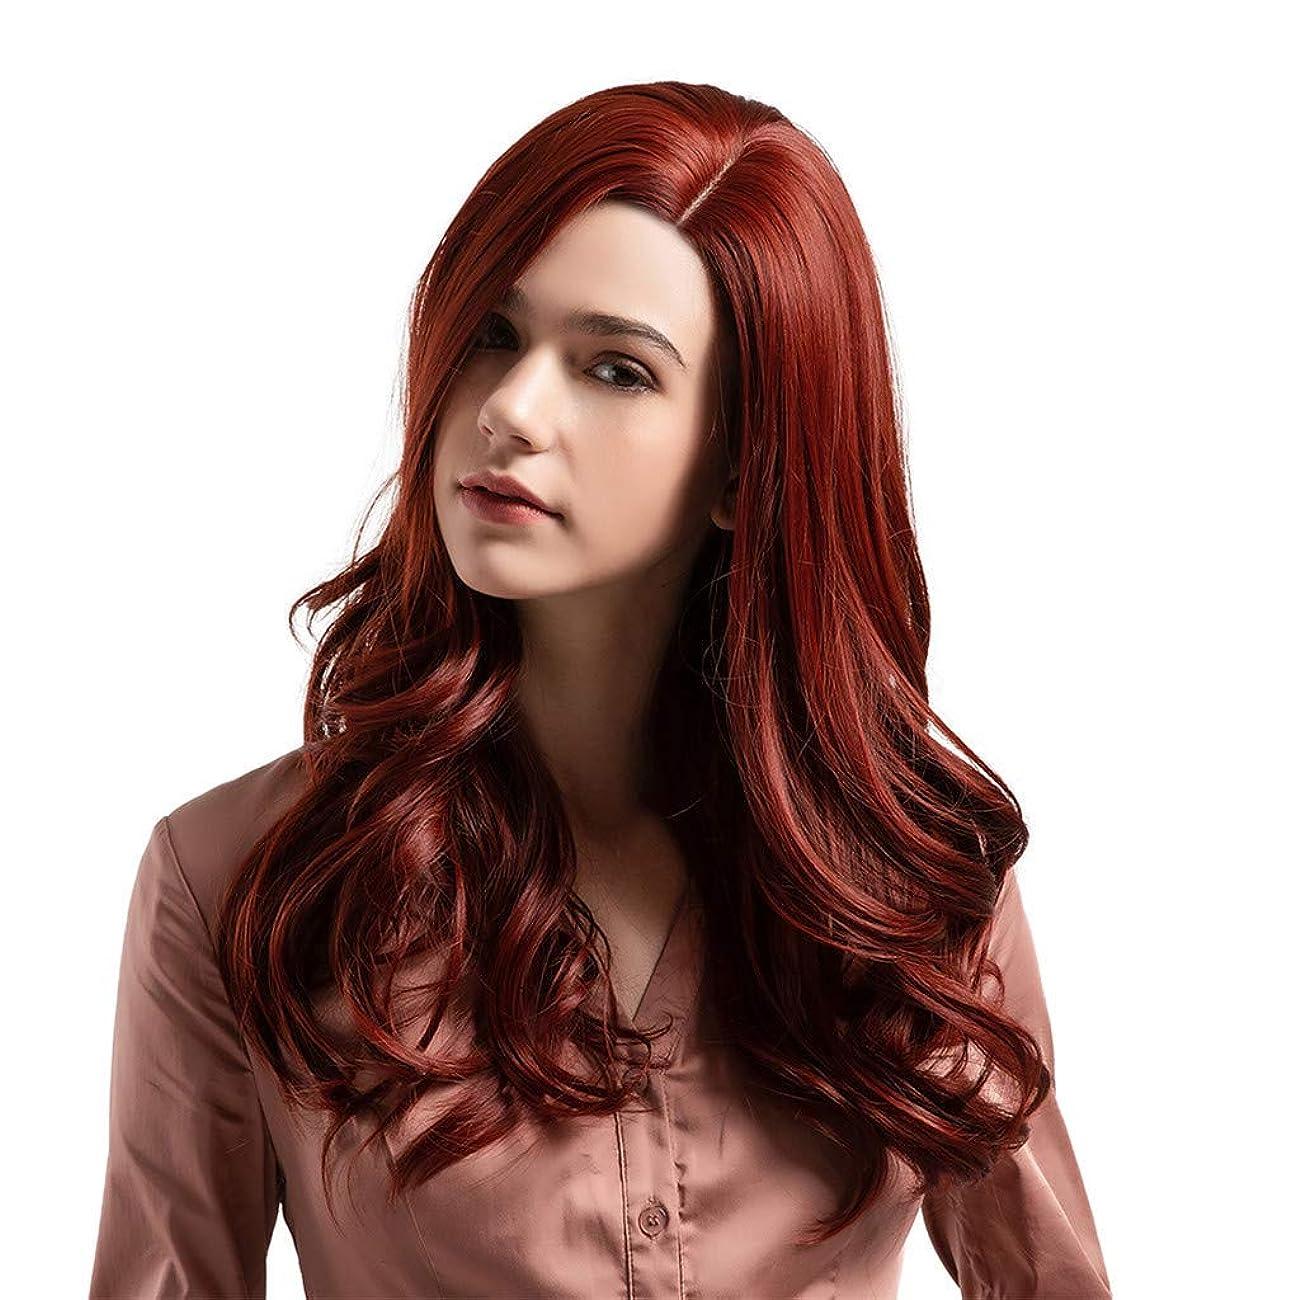 民兵バンドル石灰岩かつら赤の長い髪の巻き毛の自然なかつら高温シルクウィッグ24インチ